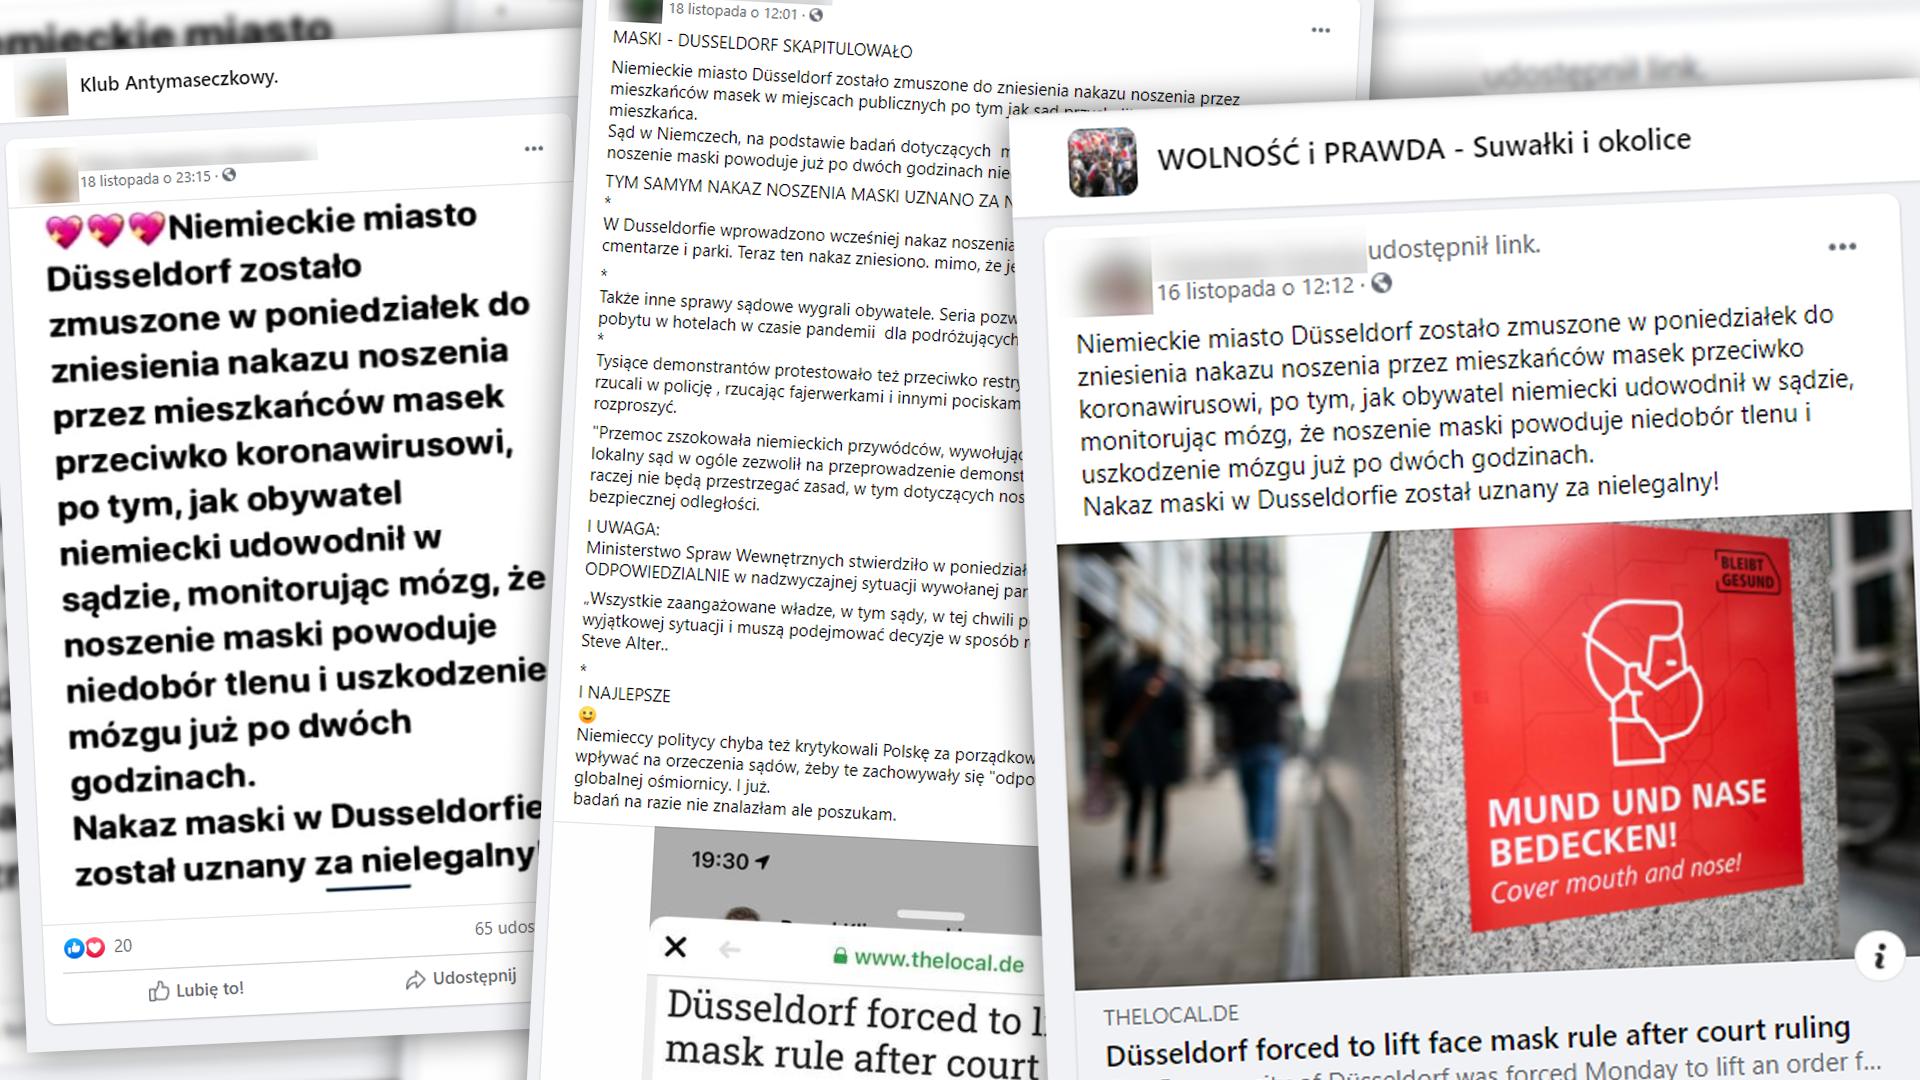 Posty na Facebooku informujące, że Duesseldorf zniósł nakaz noszenia masek, ponieważ ma to powodować niedobór tlenu i uszkodzenie mózgu